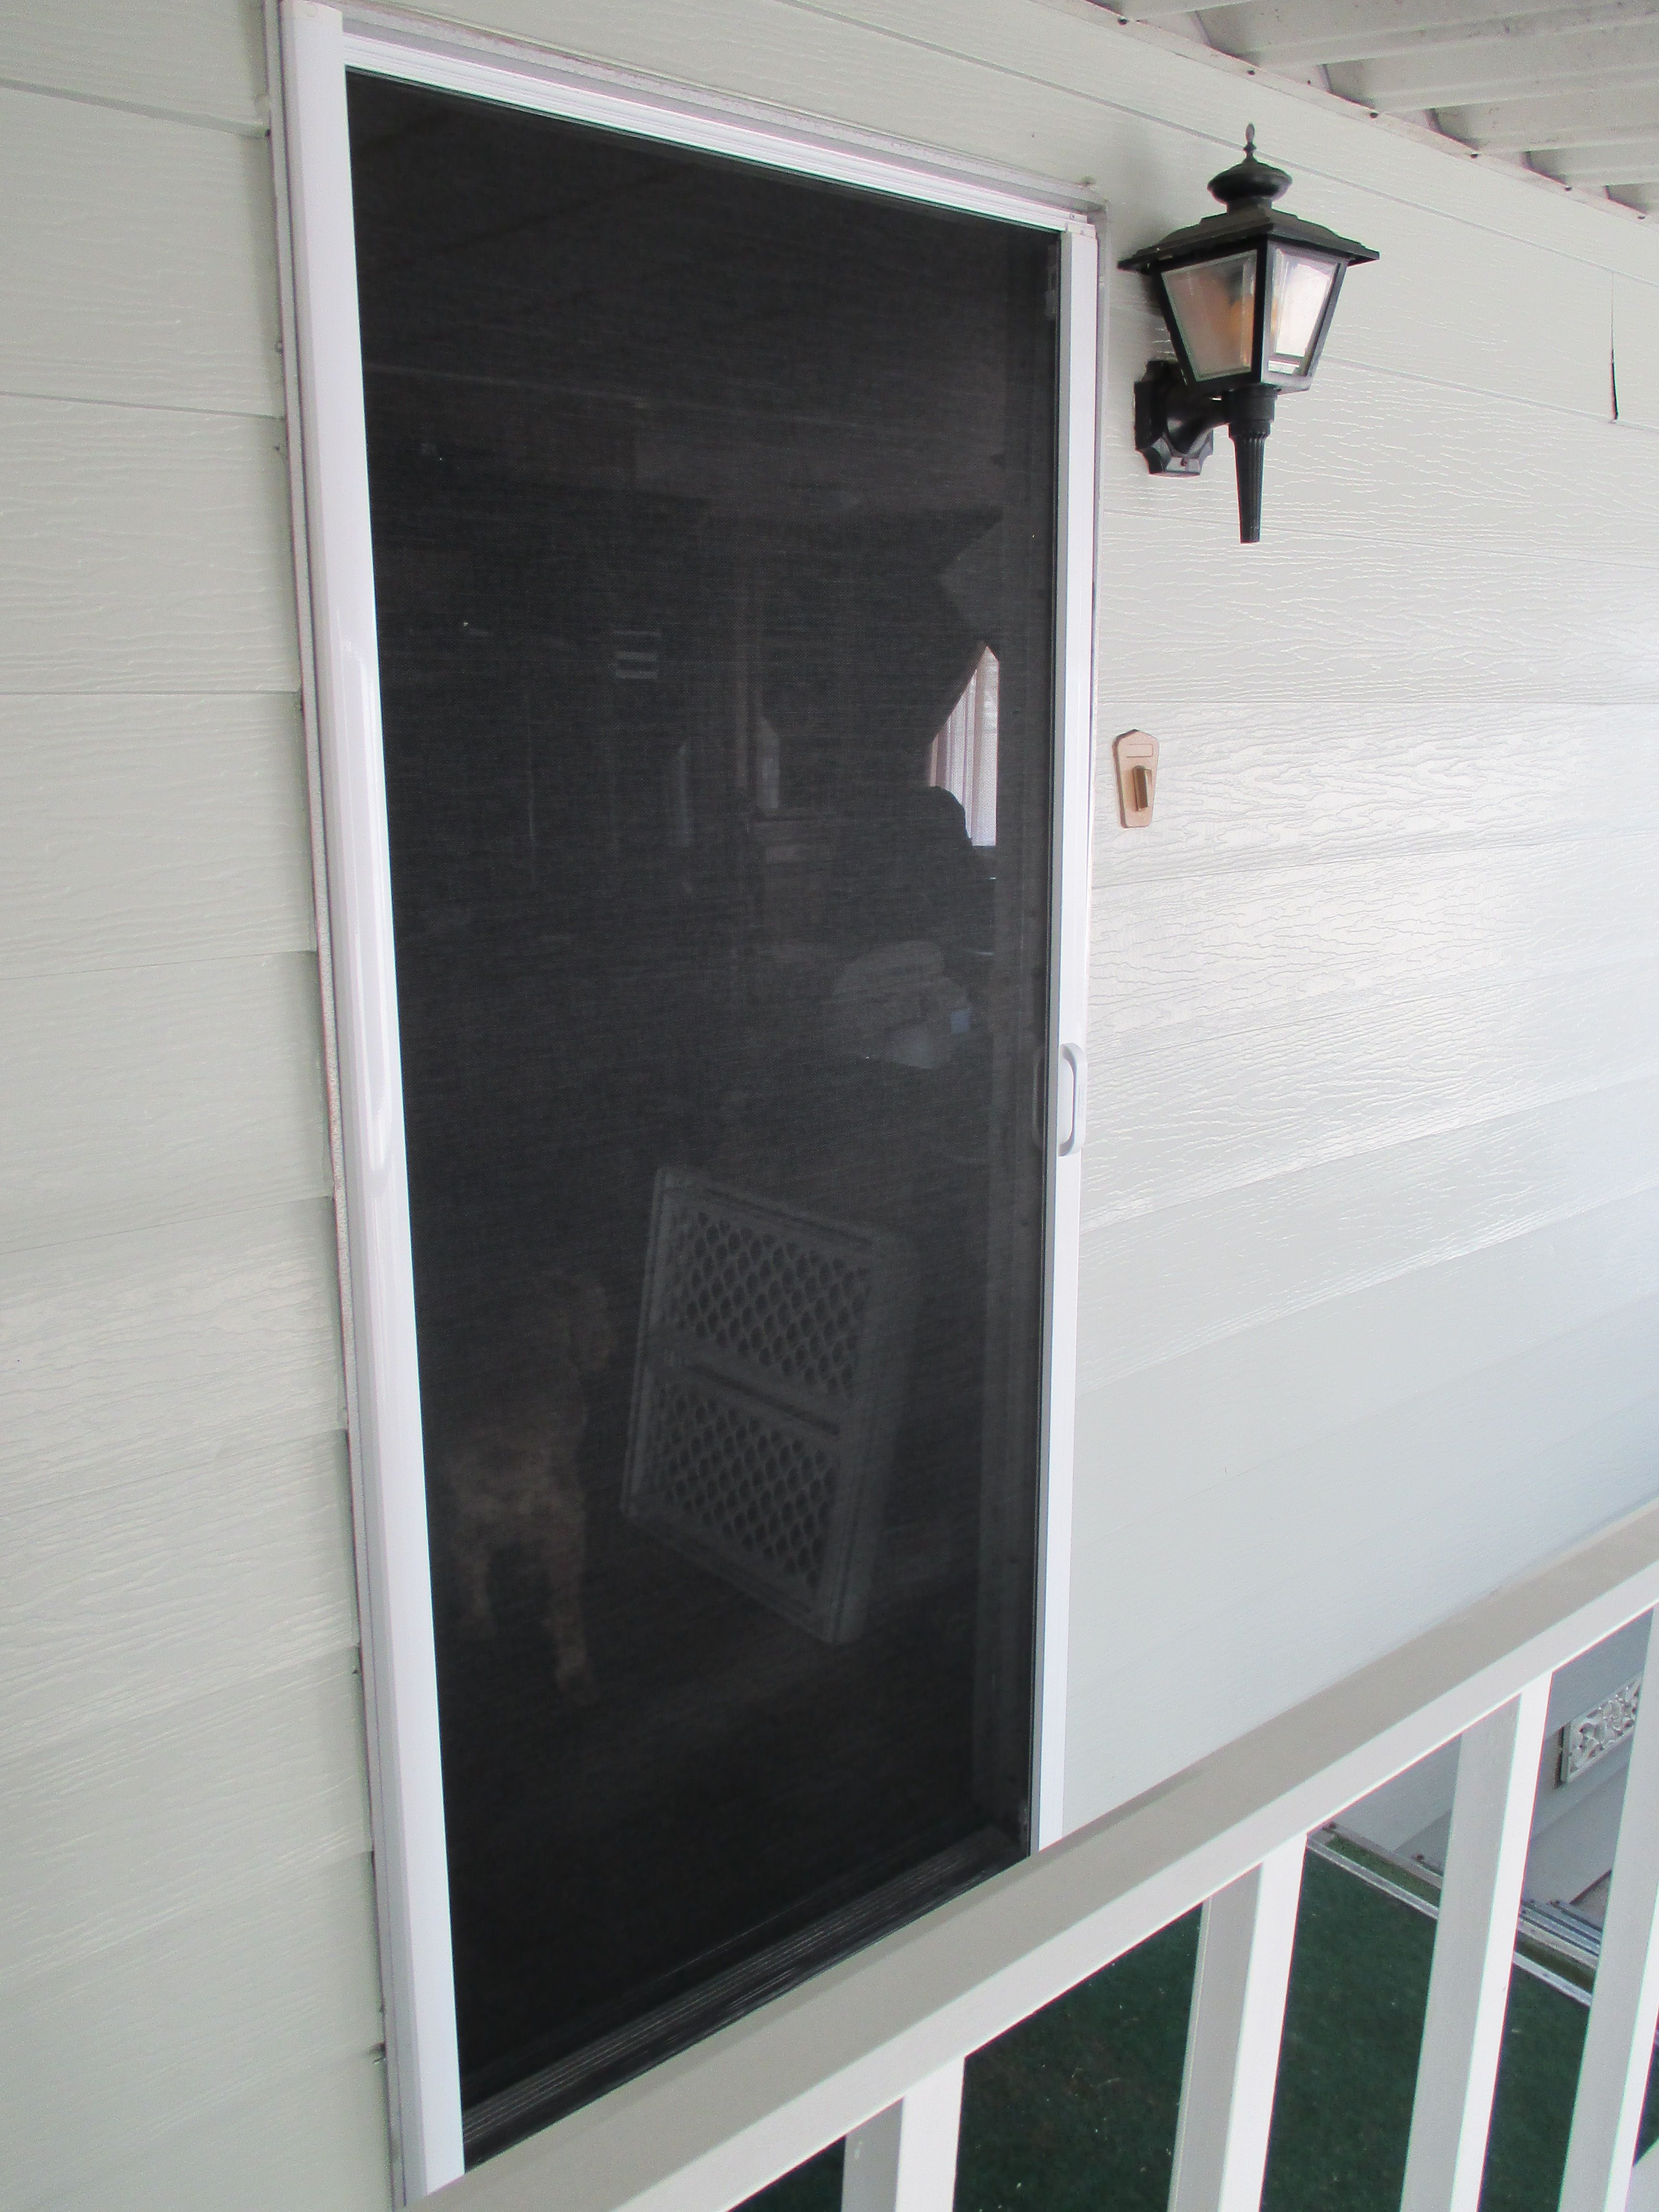 Mobile Home Stowaway Retractable Screen Door We Get Asked Every